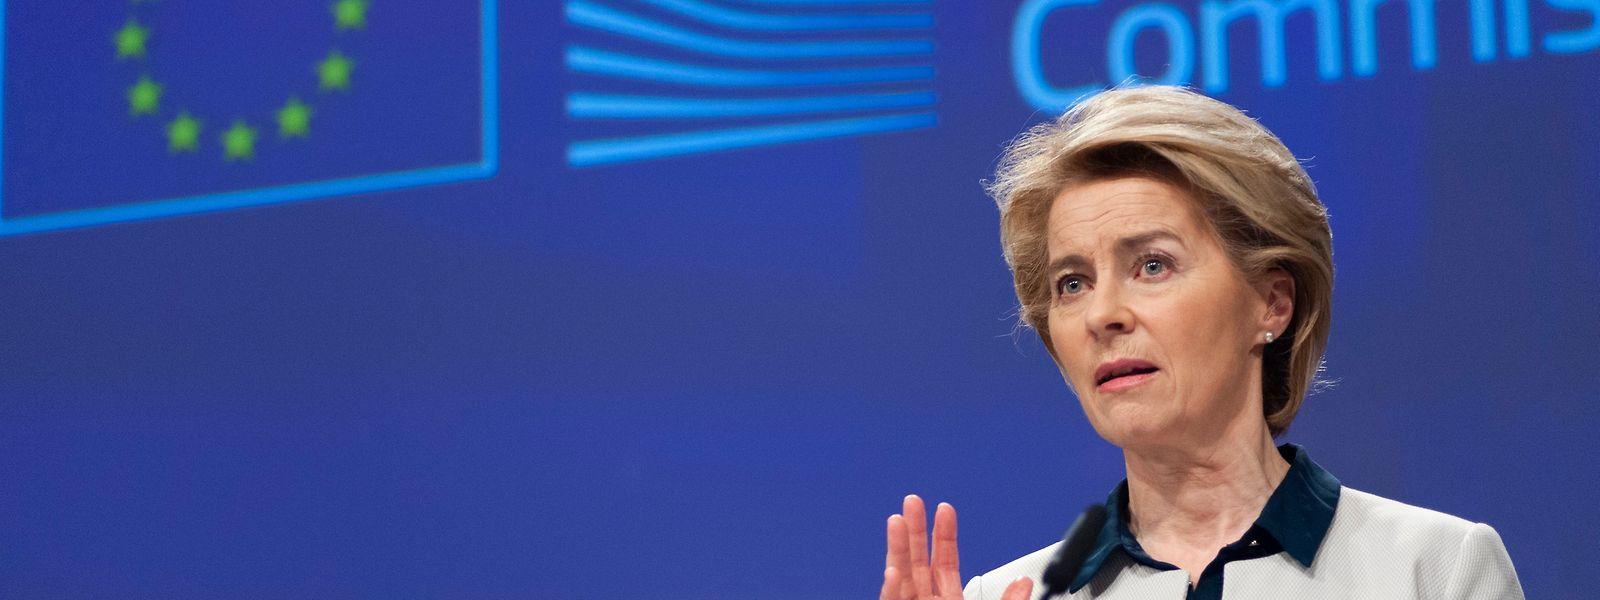 Ursula von der Leyen s'est entendue avec Angela Merkel et Emmanuel Macron pour prendre des mesures aux frontières extérieures de l'Union dans le cadre de la lutte contre le coronavirus.